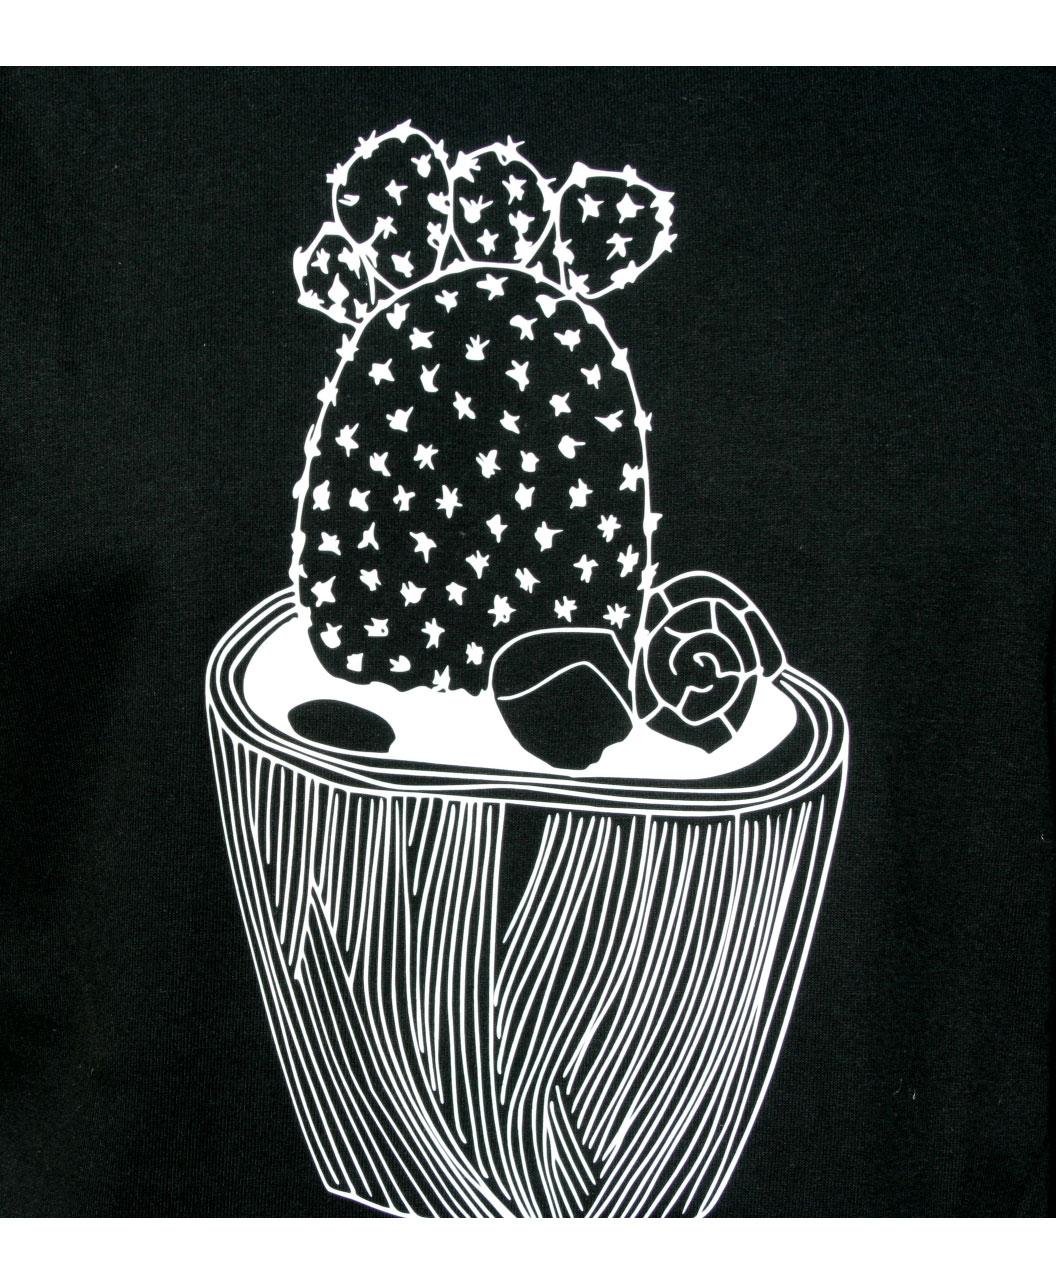 camiseta manga corta unisex estilo diferente original con dibujo contorno cactus